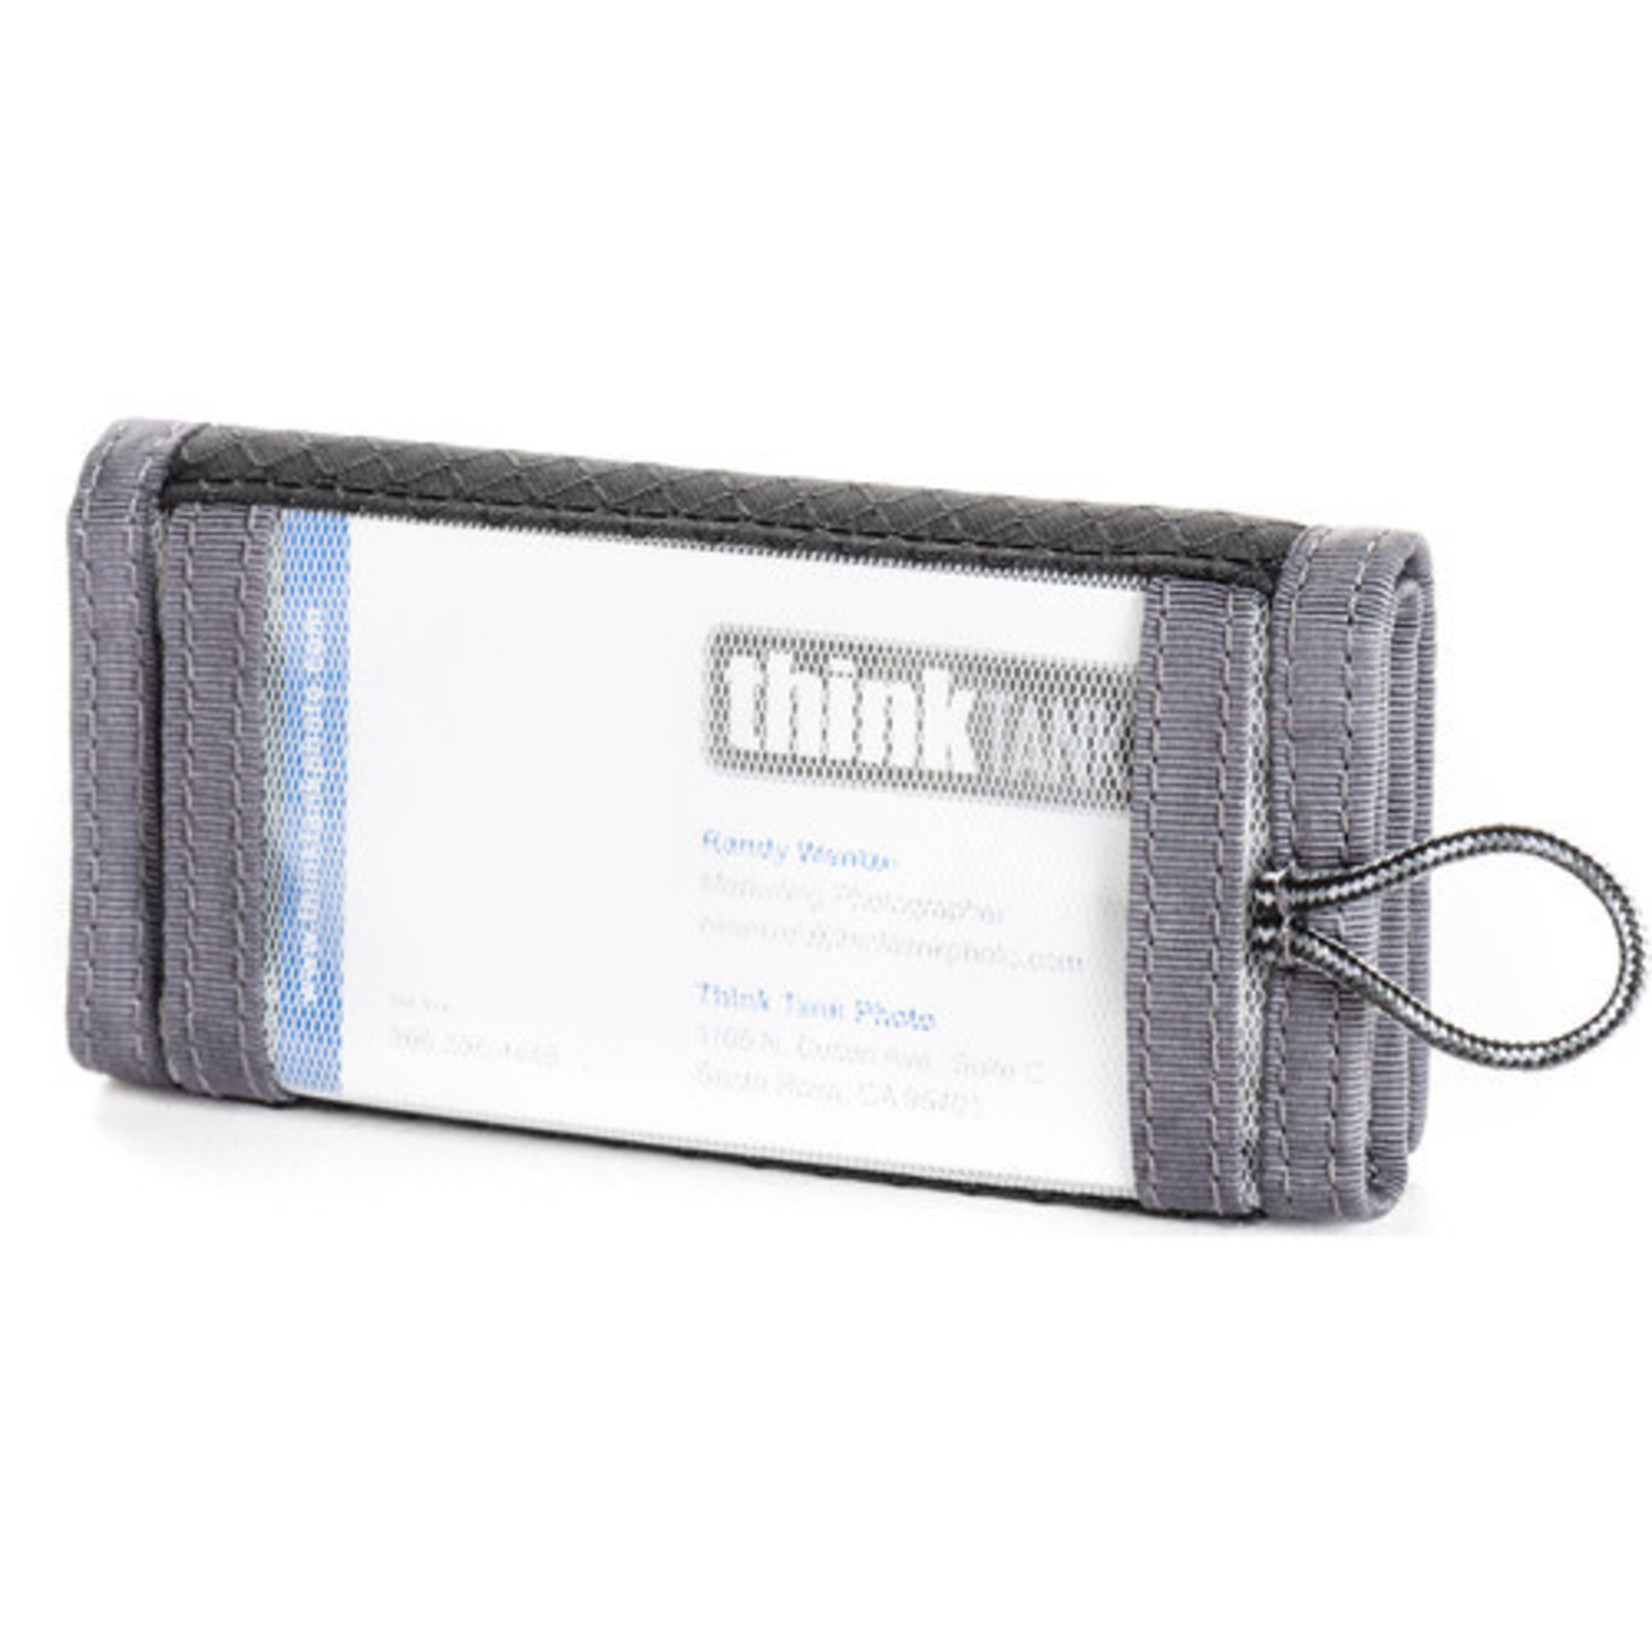 ThinkTank SD Pixel Pocket Rocket™